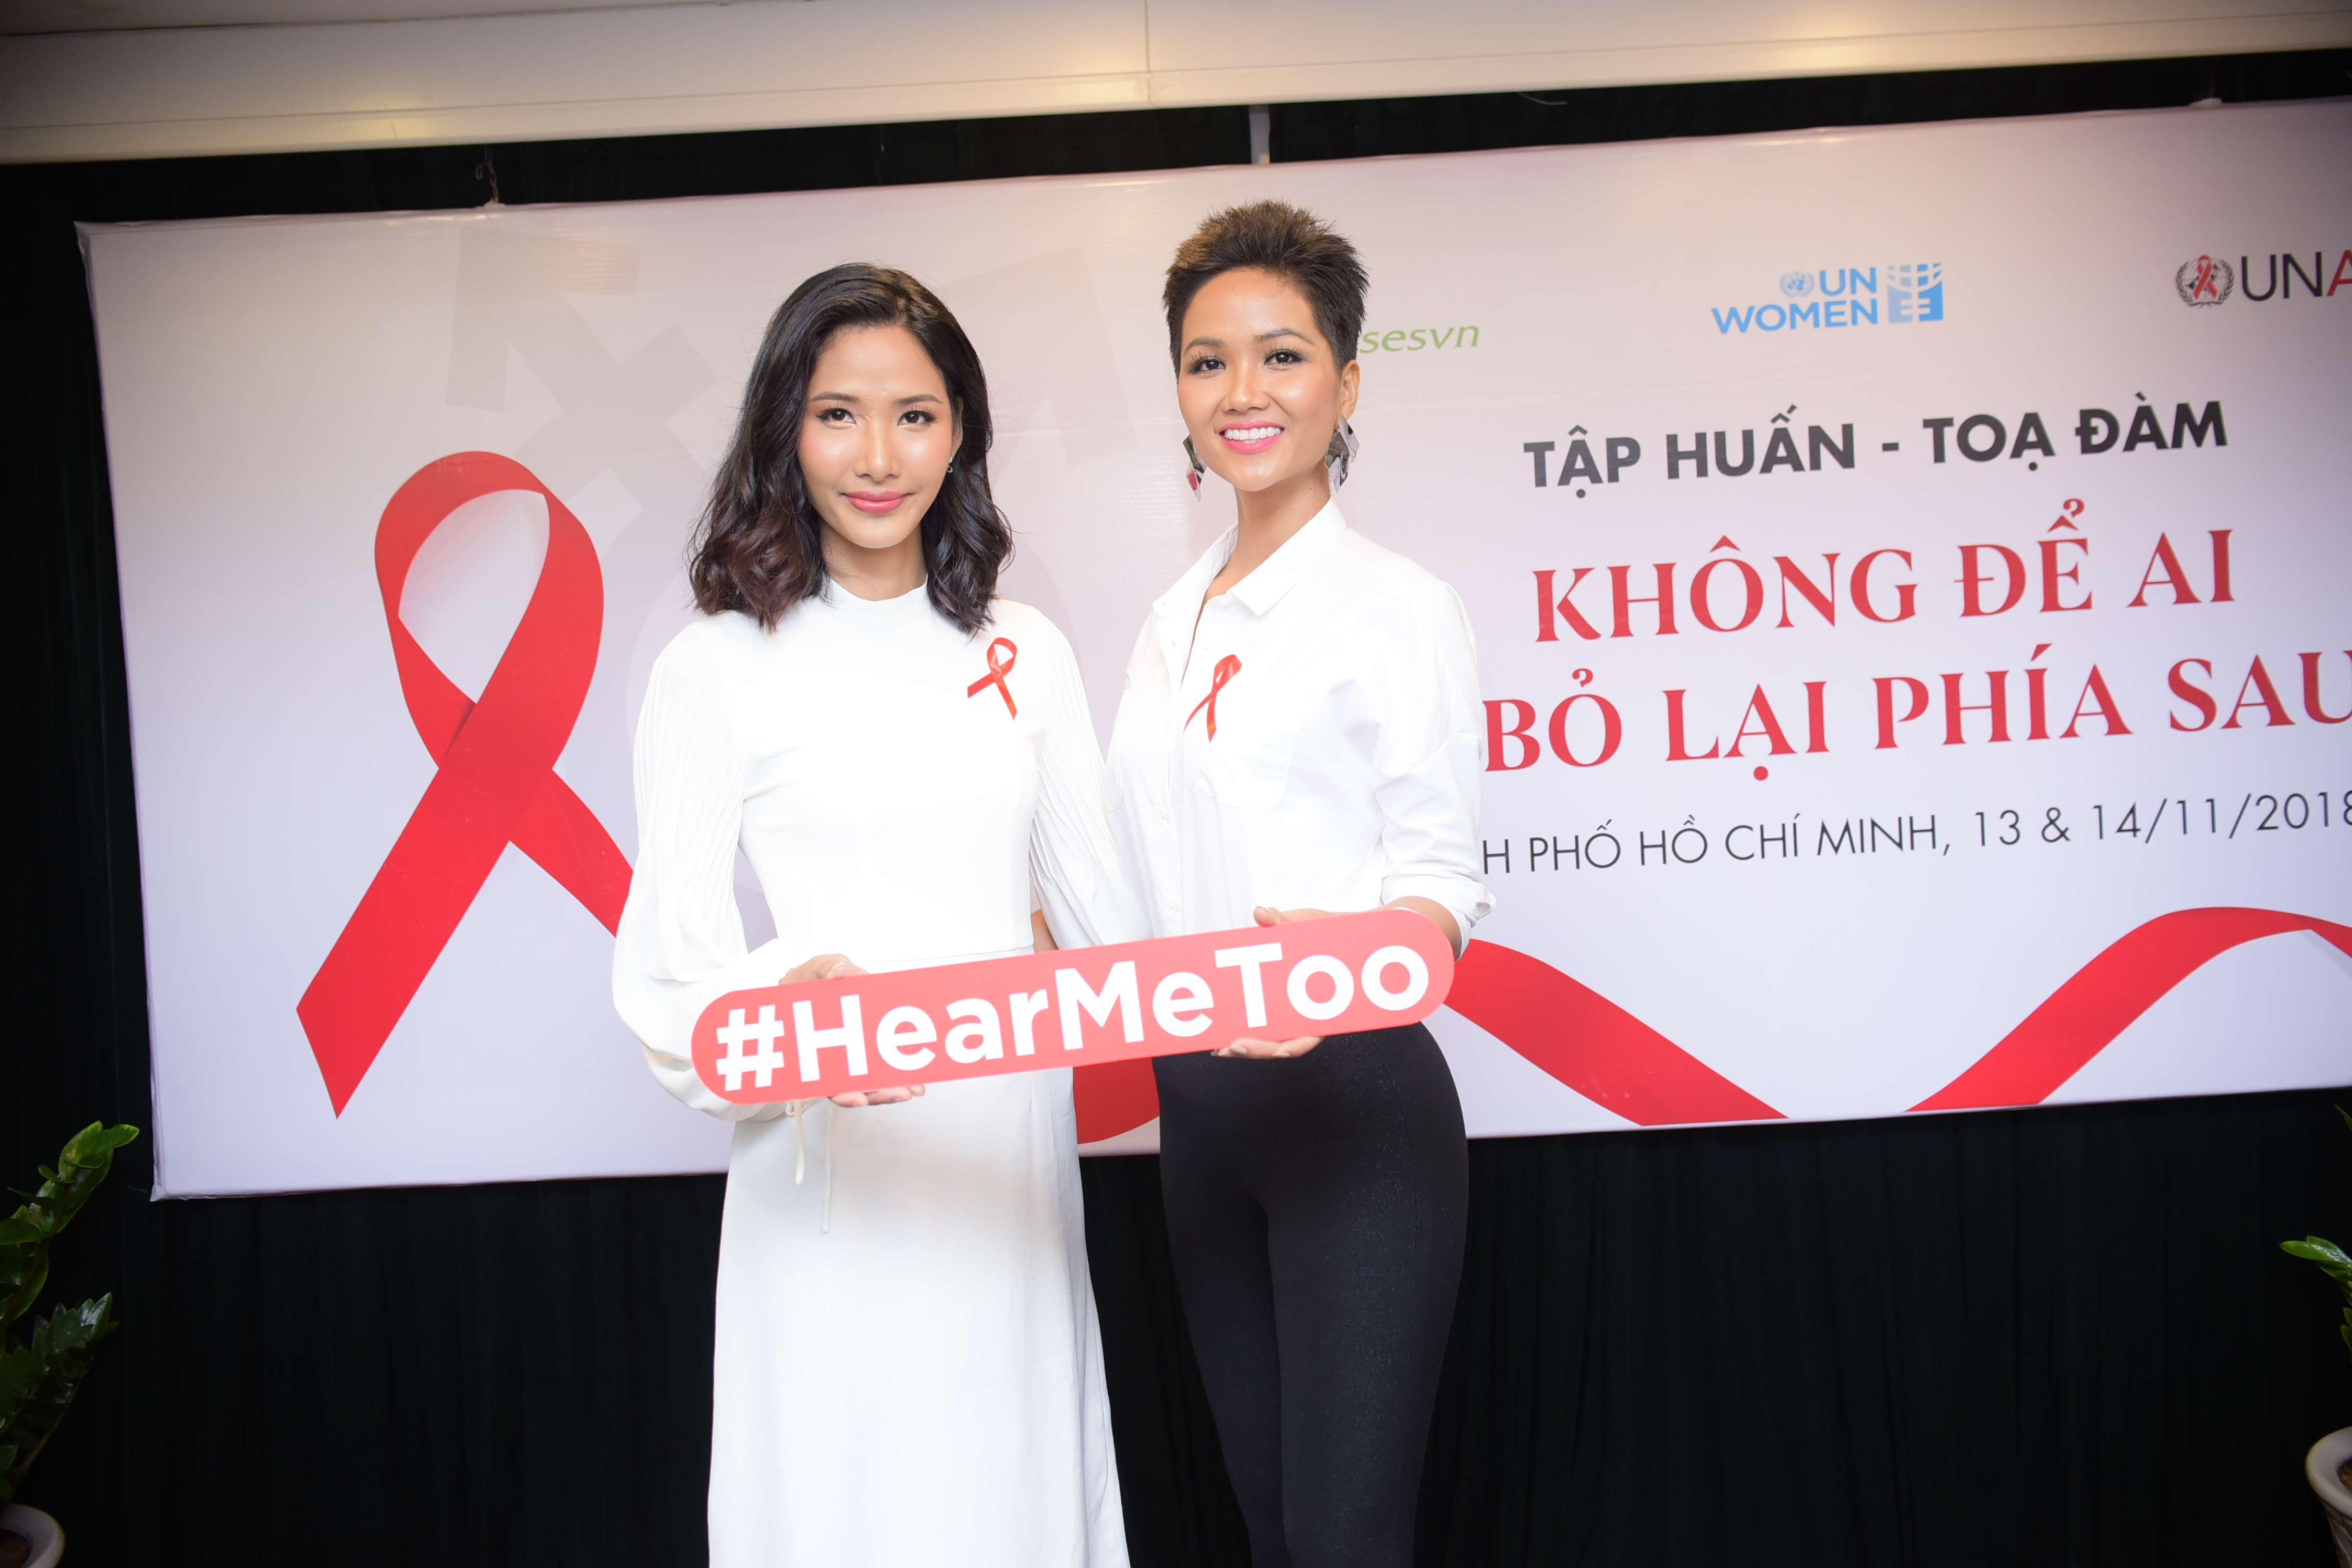 UNWomen – UNAIDS tổ chức tập huấn bình đẳng giới 3